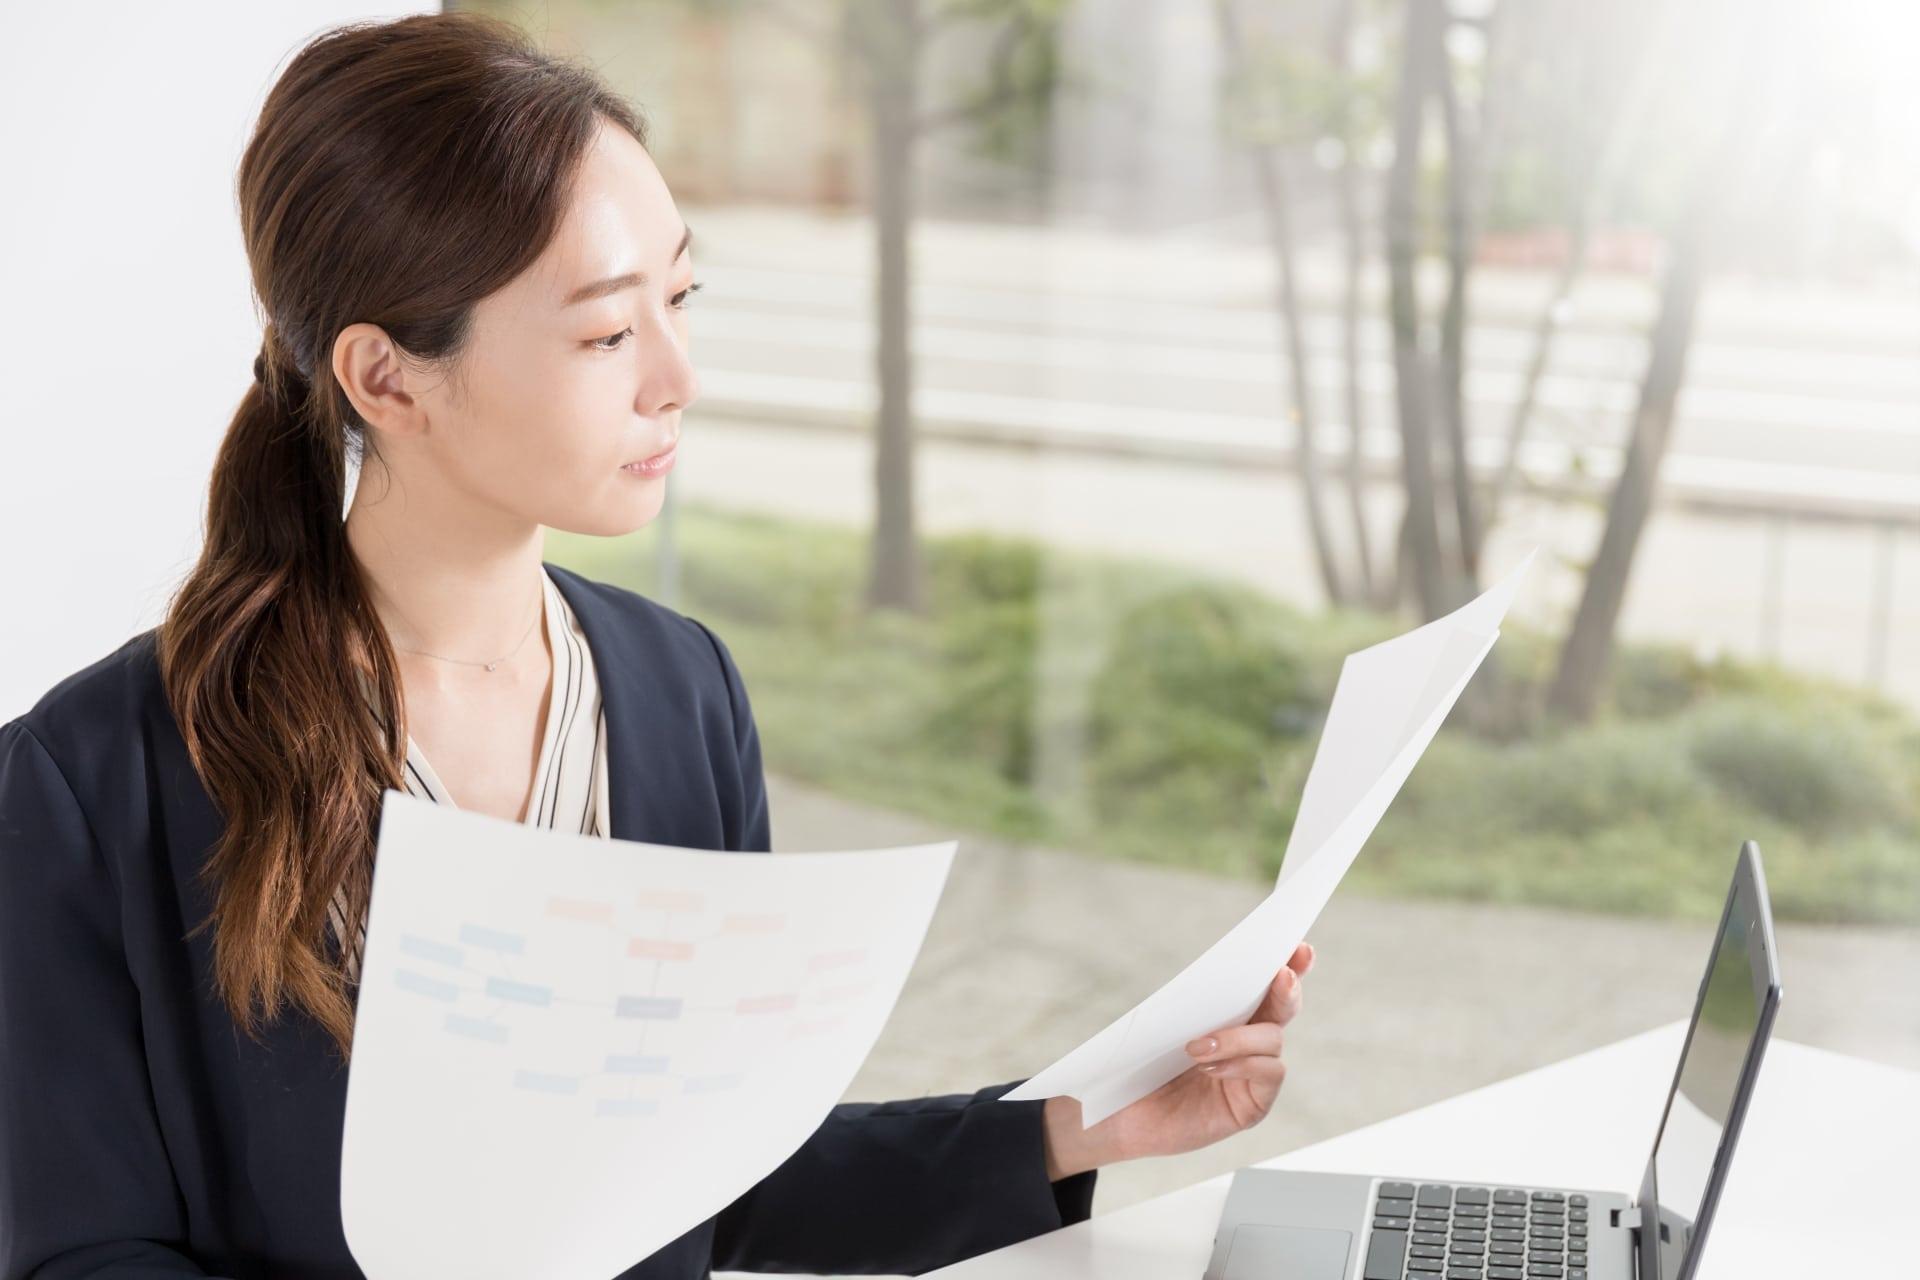 転職相談に乗る女性